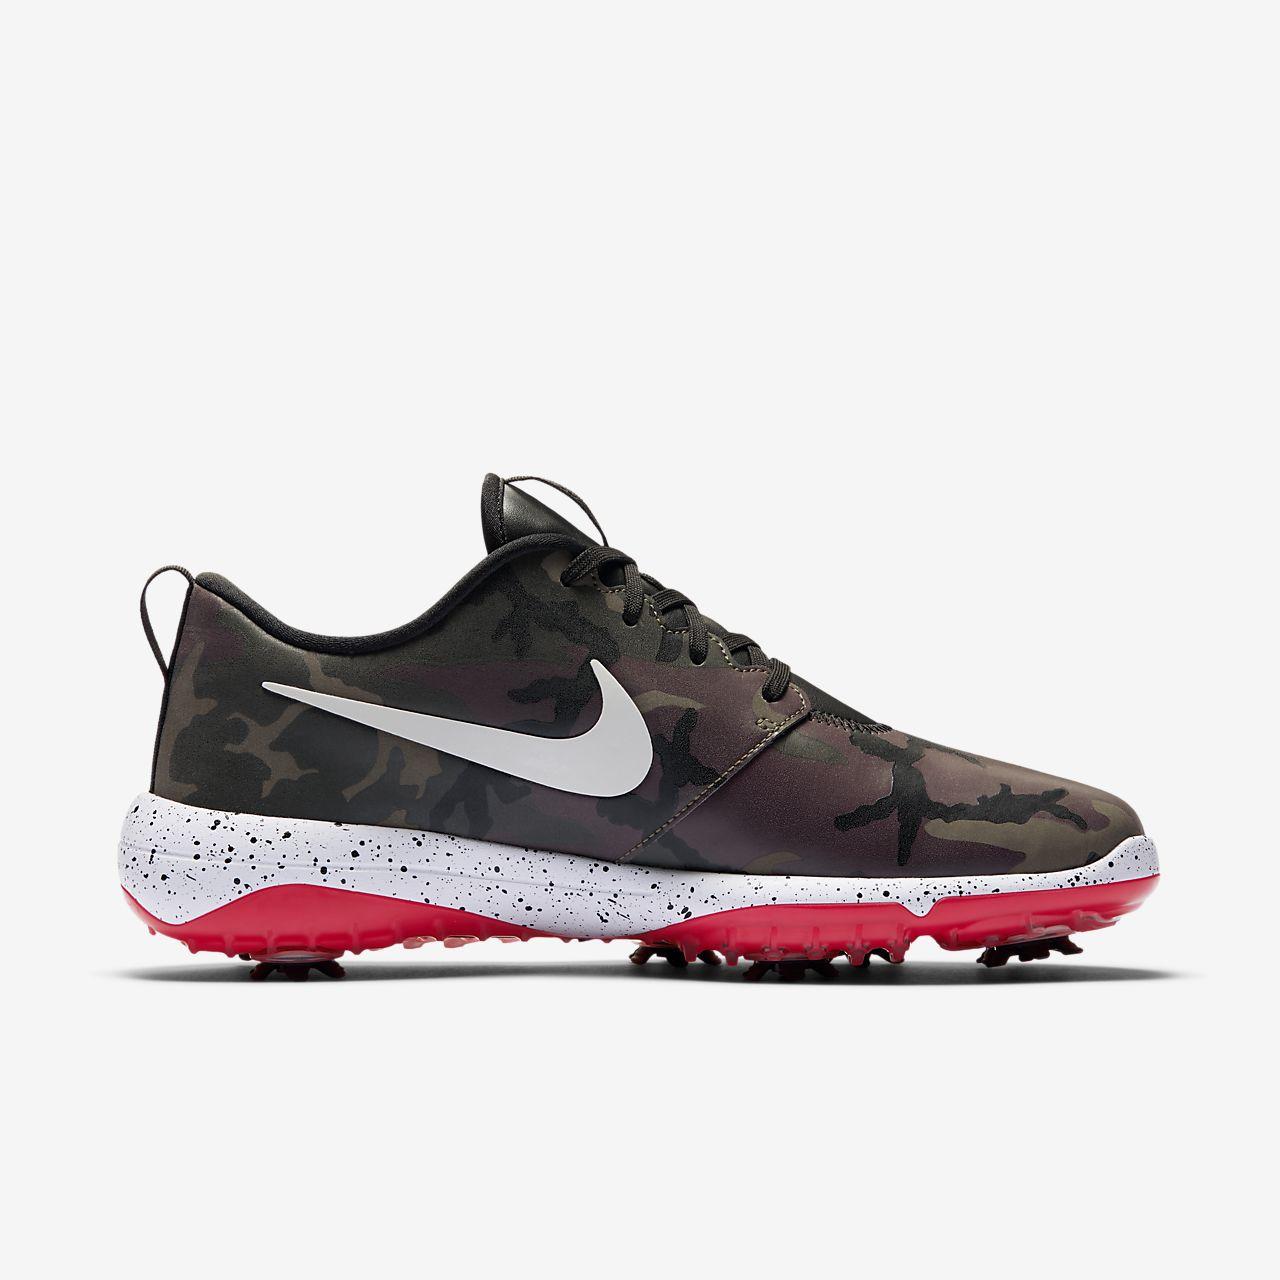 d947ff024b3f Nike Roshe G Tour NRG Men s Golf Shoe. Nike.com GB